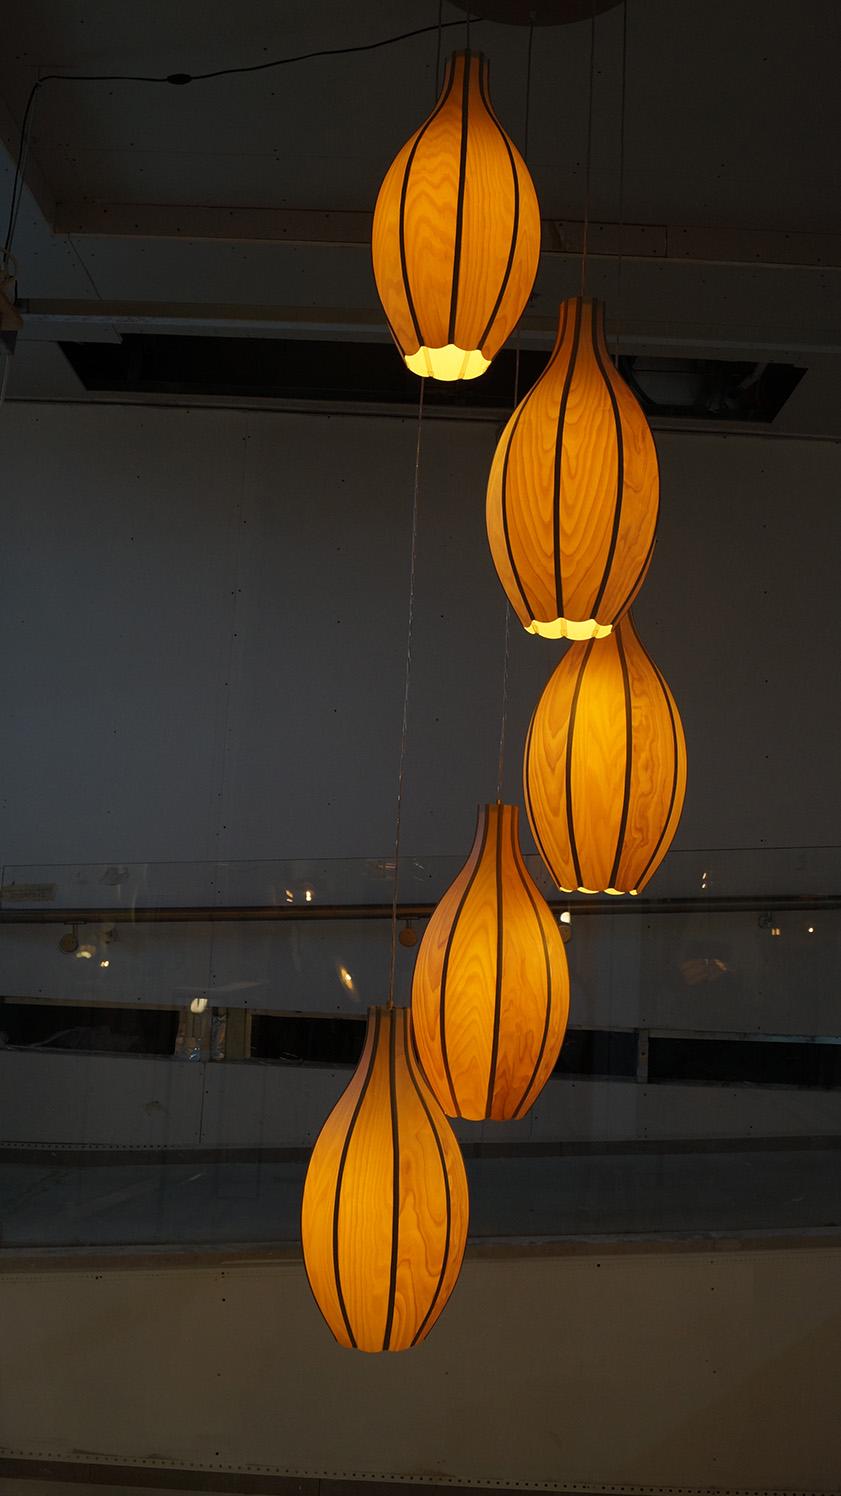 גופי תאורה ״mabua״ , אביעד פטל. צילום: אריאלה מרטינז